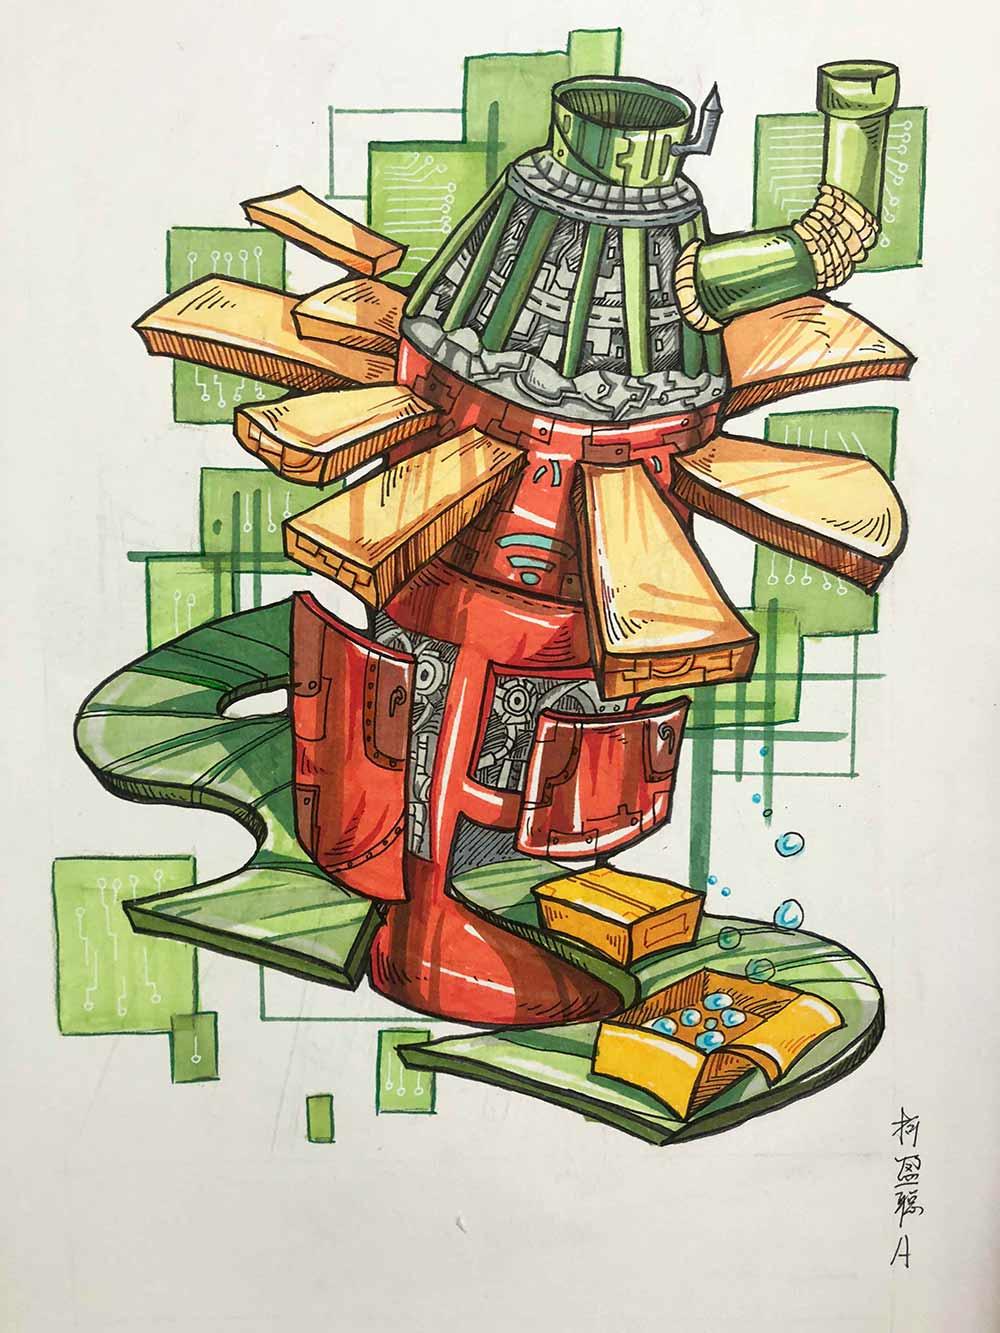 广州画室设计培训,广州设计集训画室,广州设计美术培训班